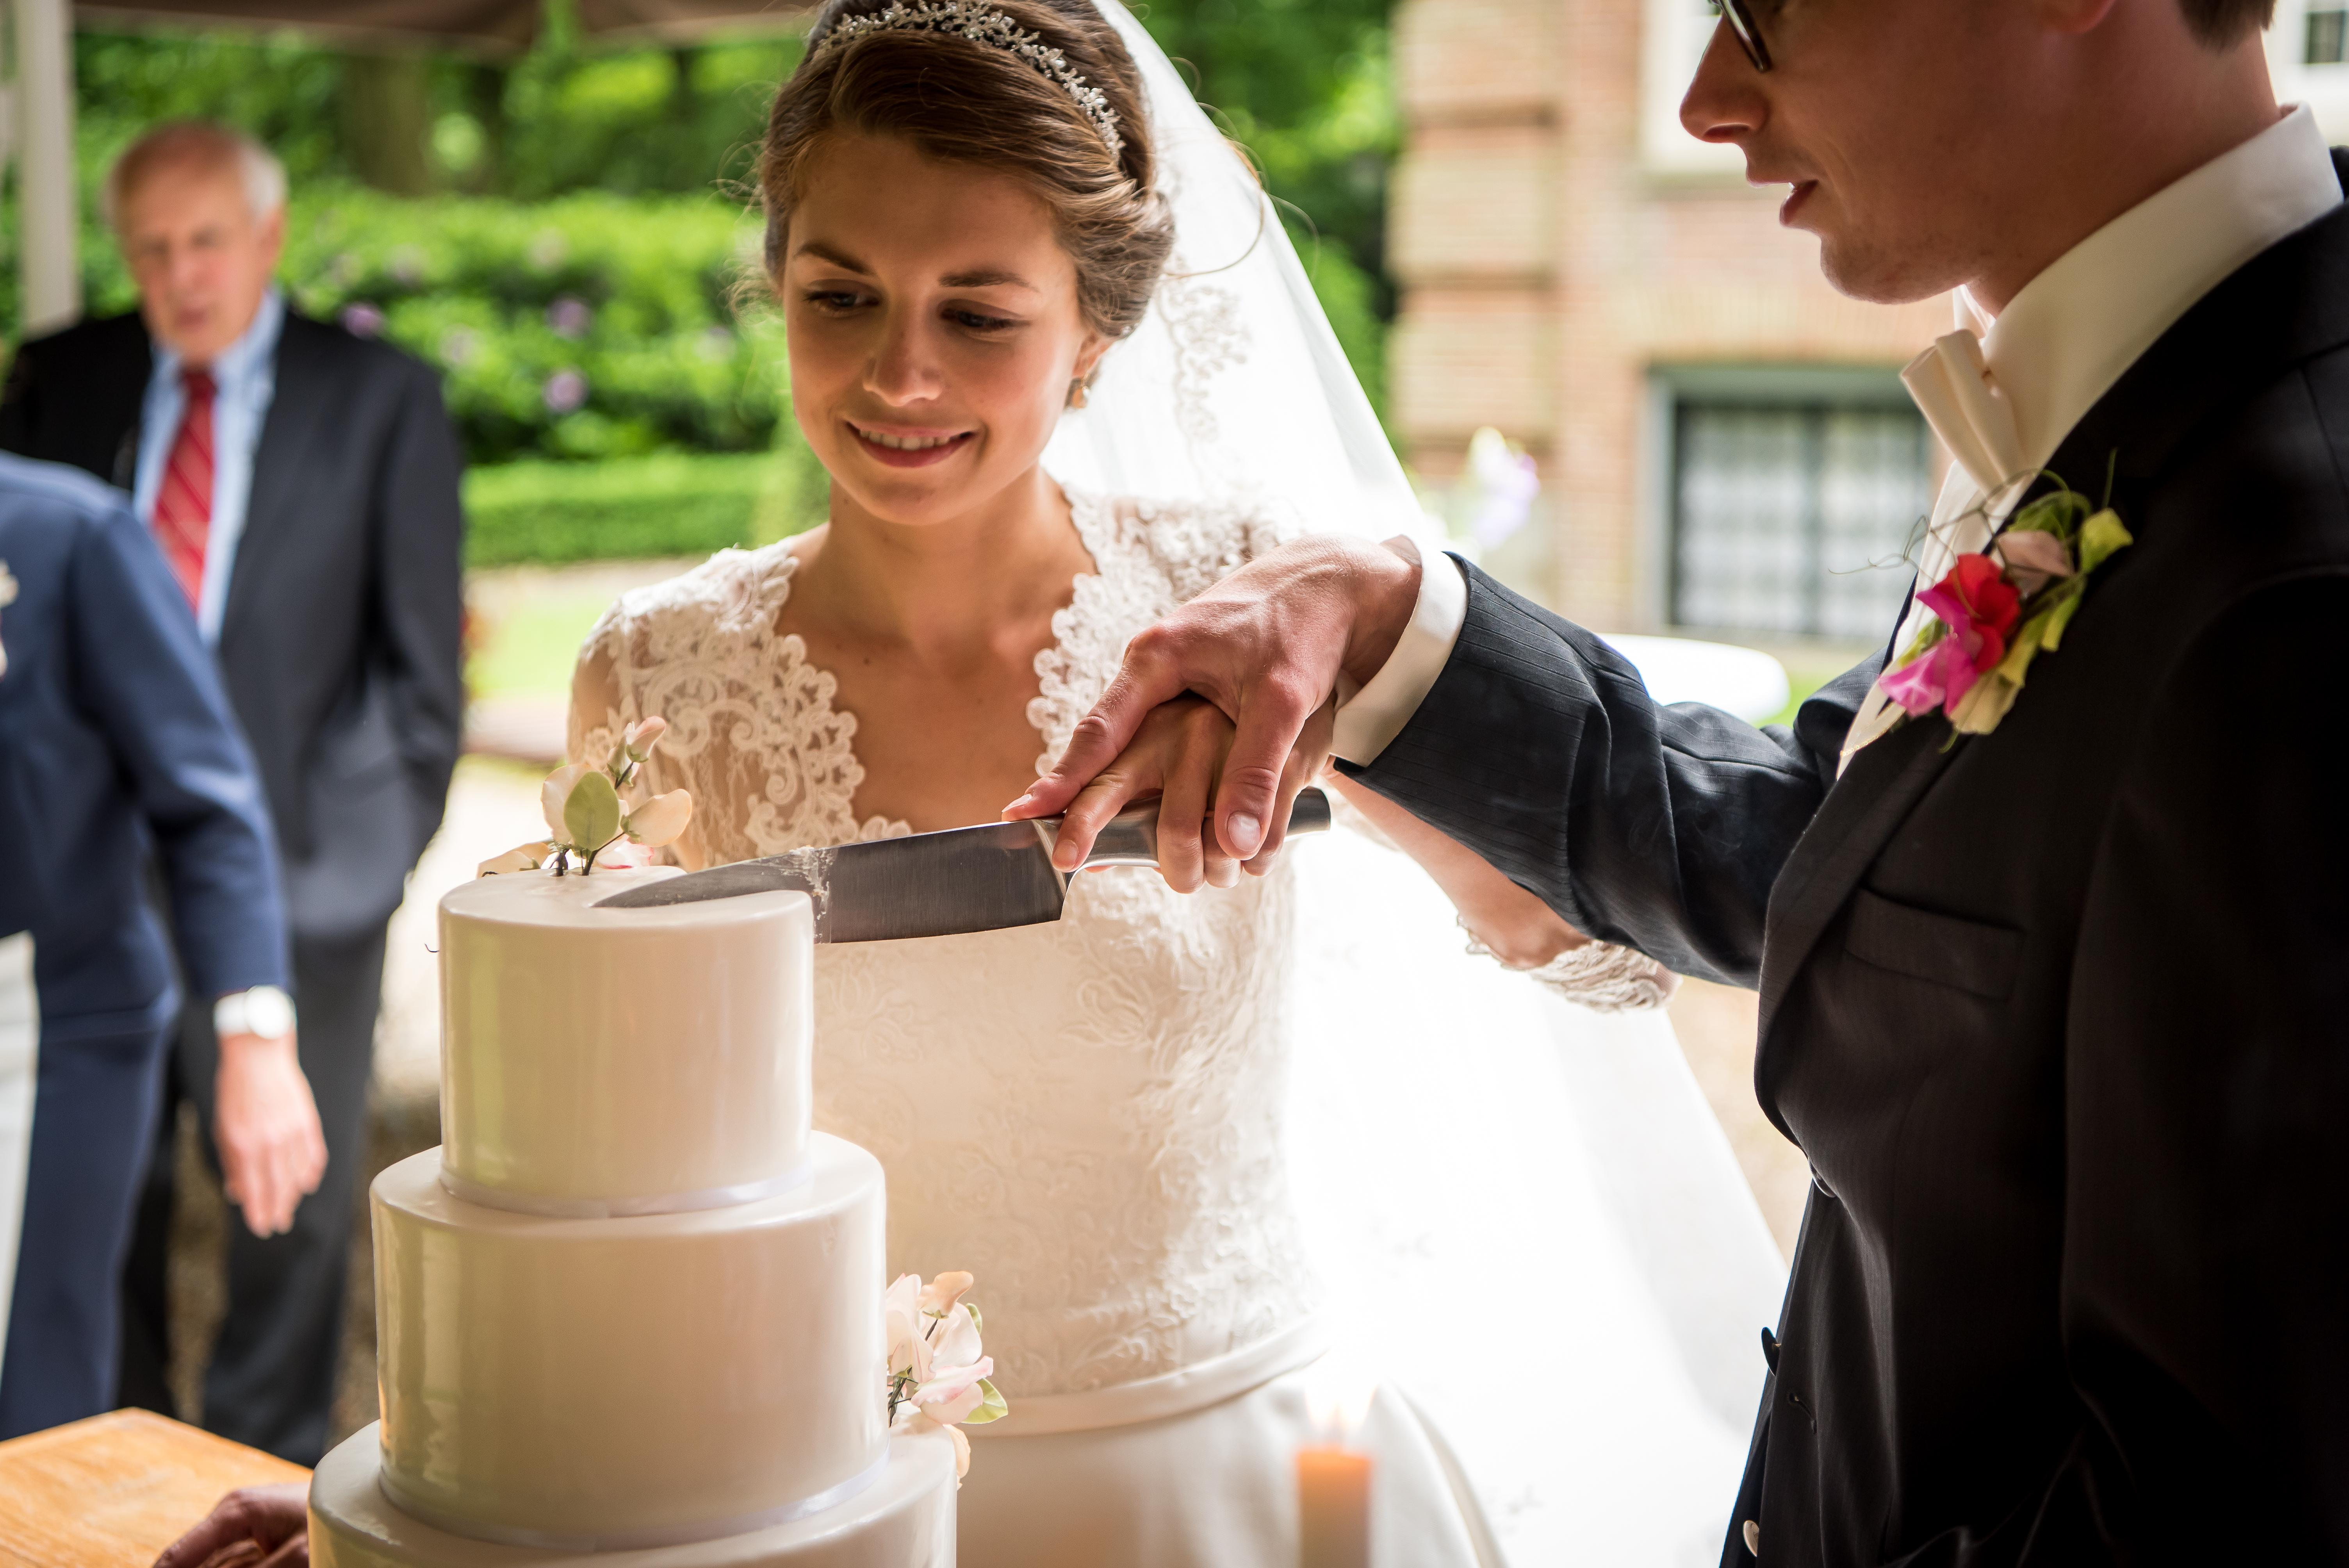 snijden van bruidstaart